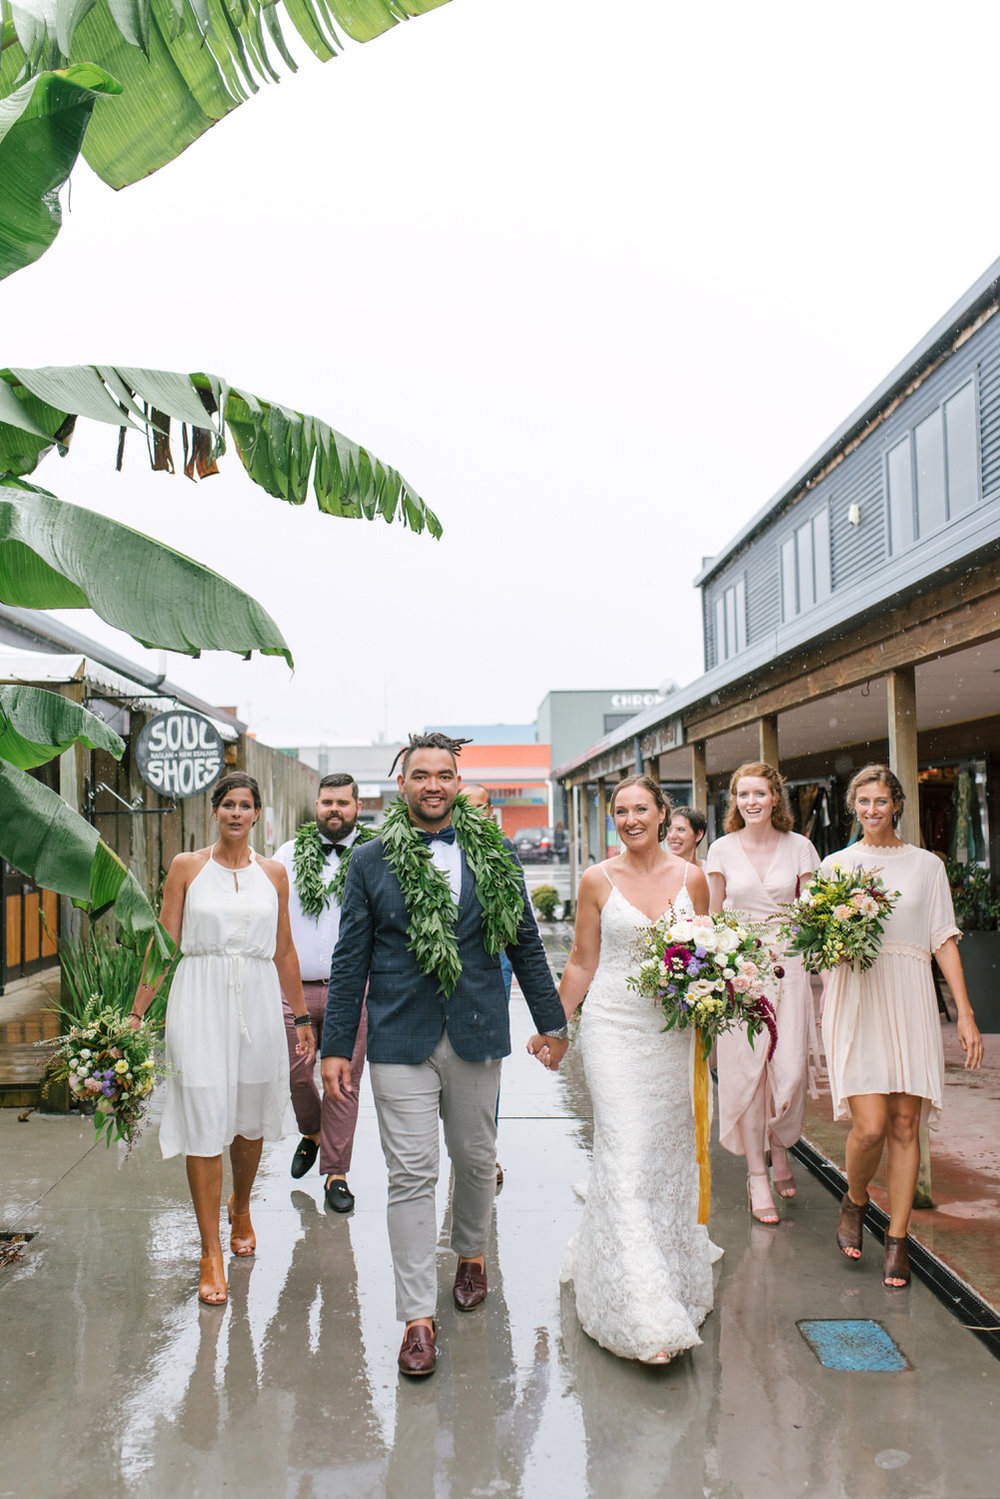 Bottega53©-new zealand wedding - lynsday&dillan-50.JPG